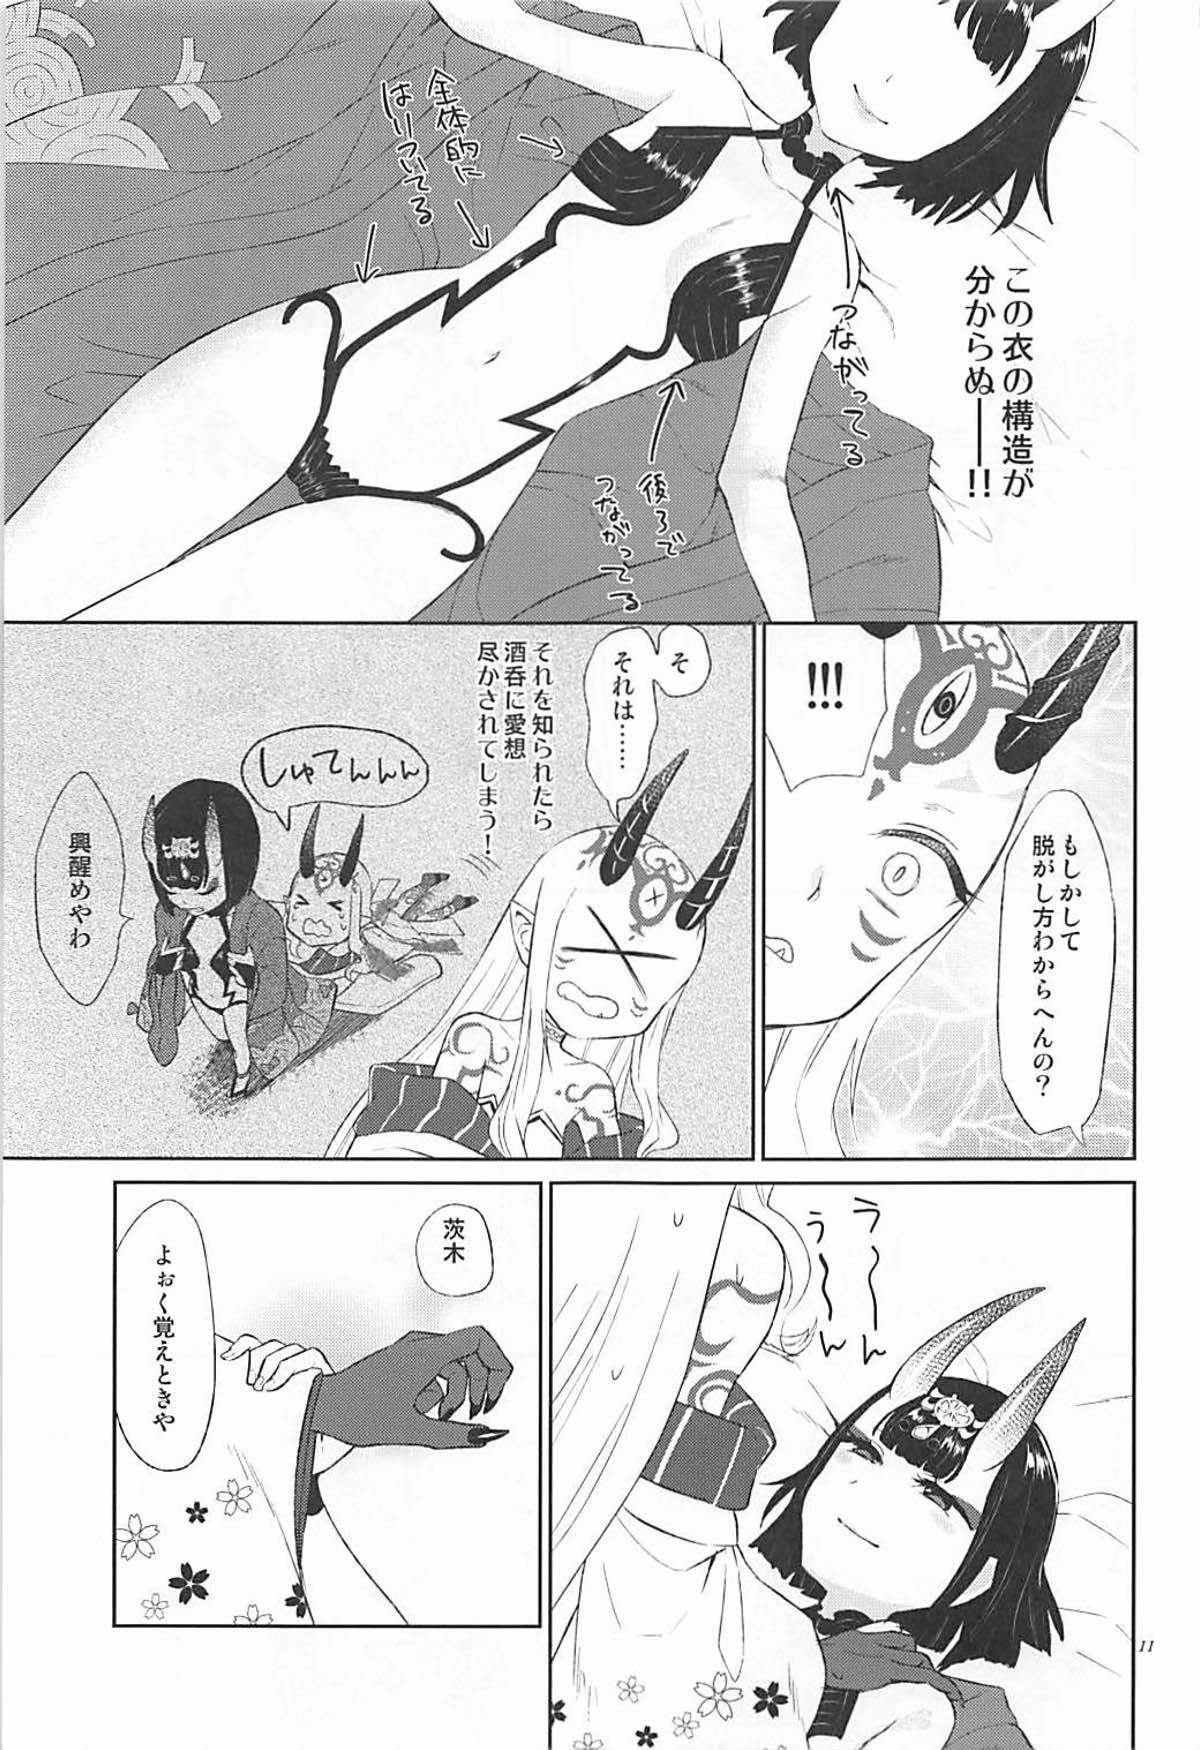 【エロ同人誌 FGO】酒呑童子と茨木童子がイチャラブ百合セックスwww【無料 エロ漫画】 (10)